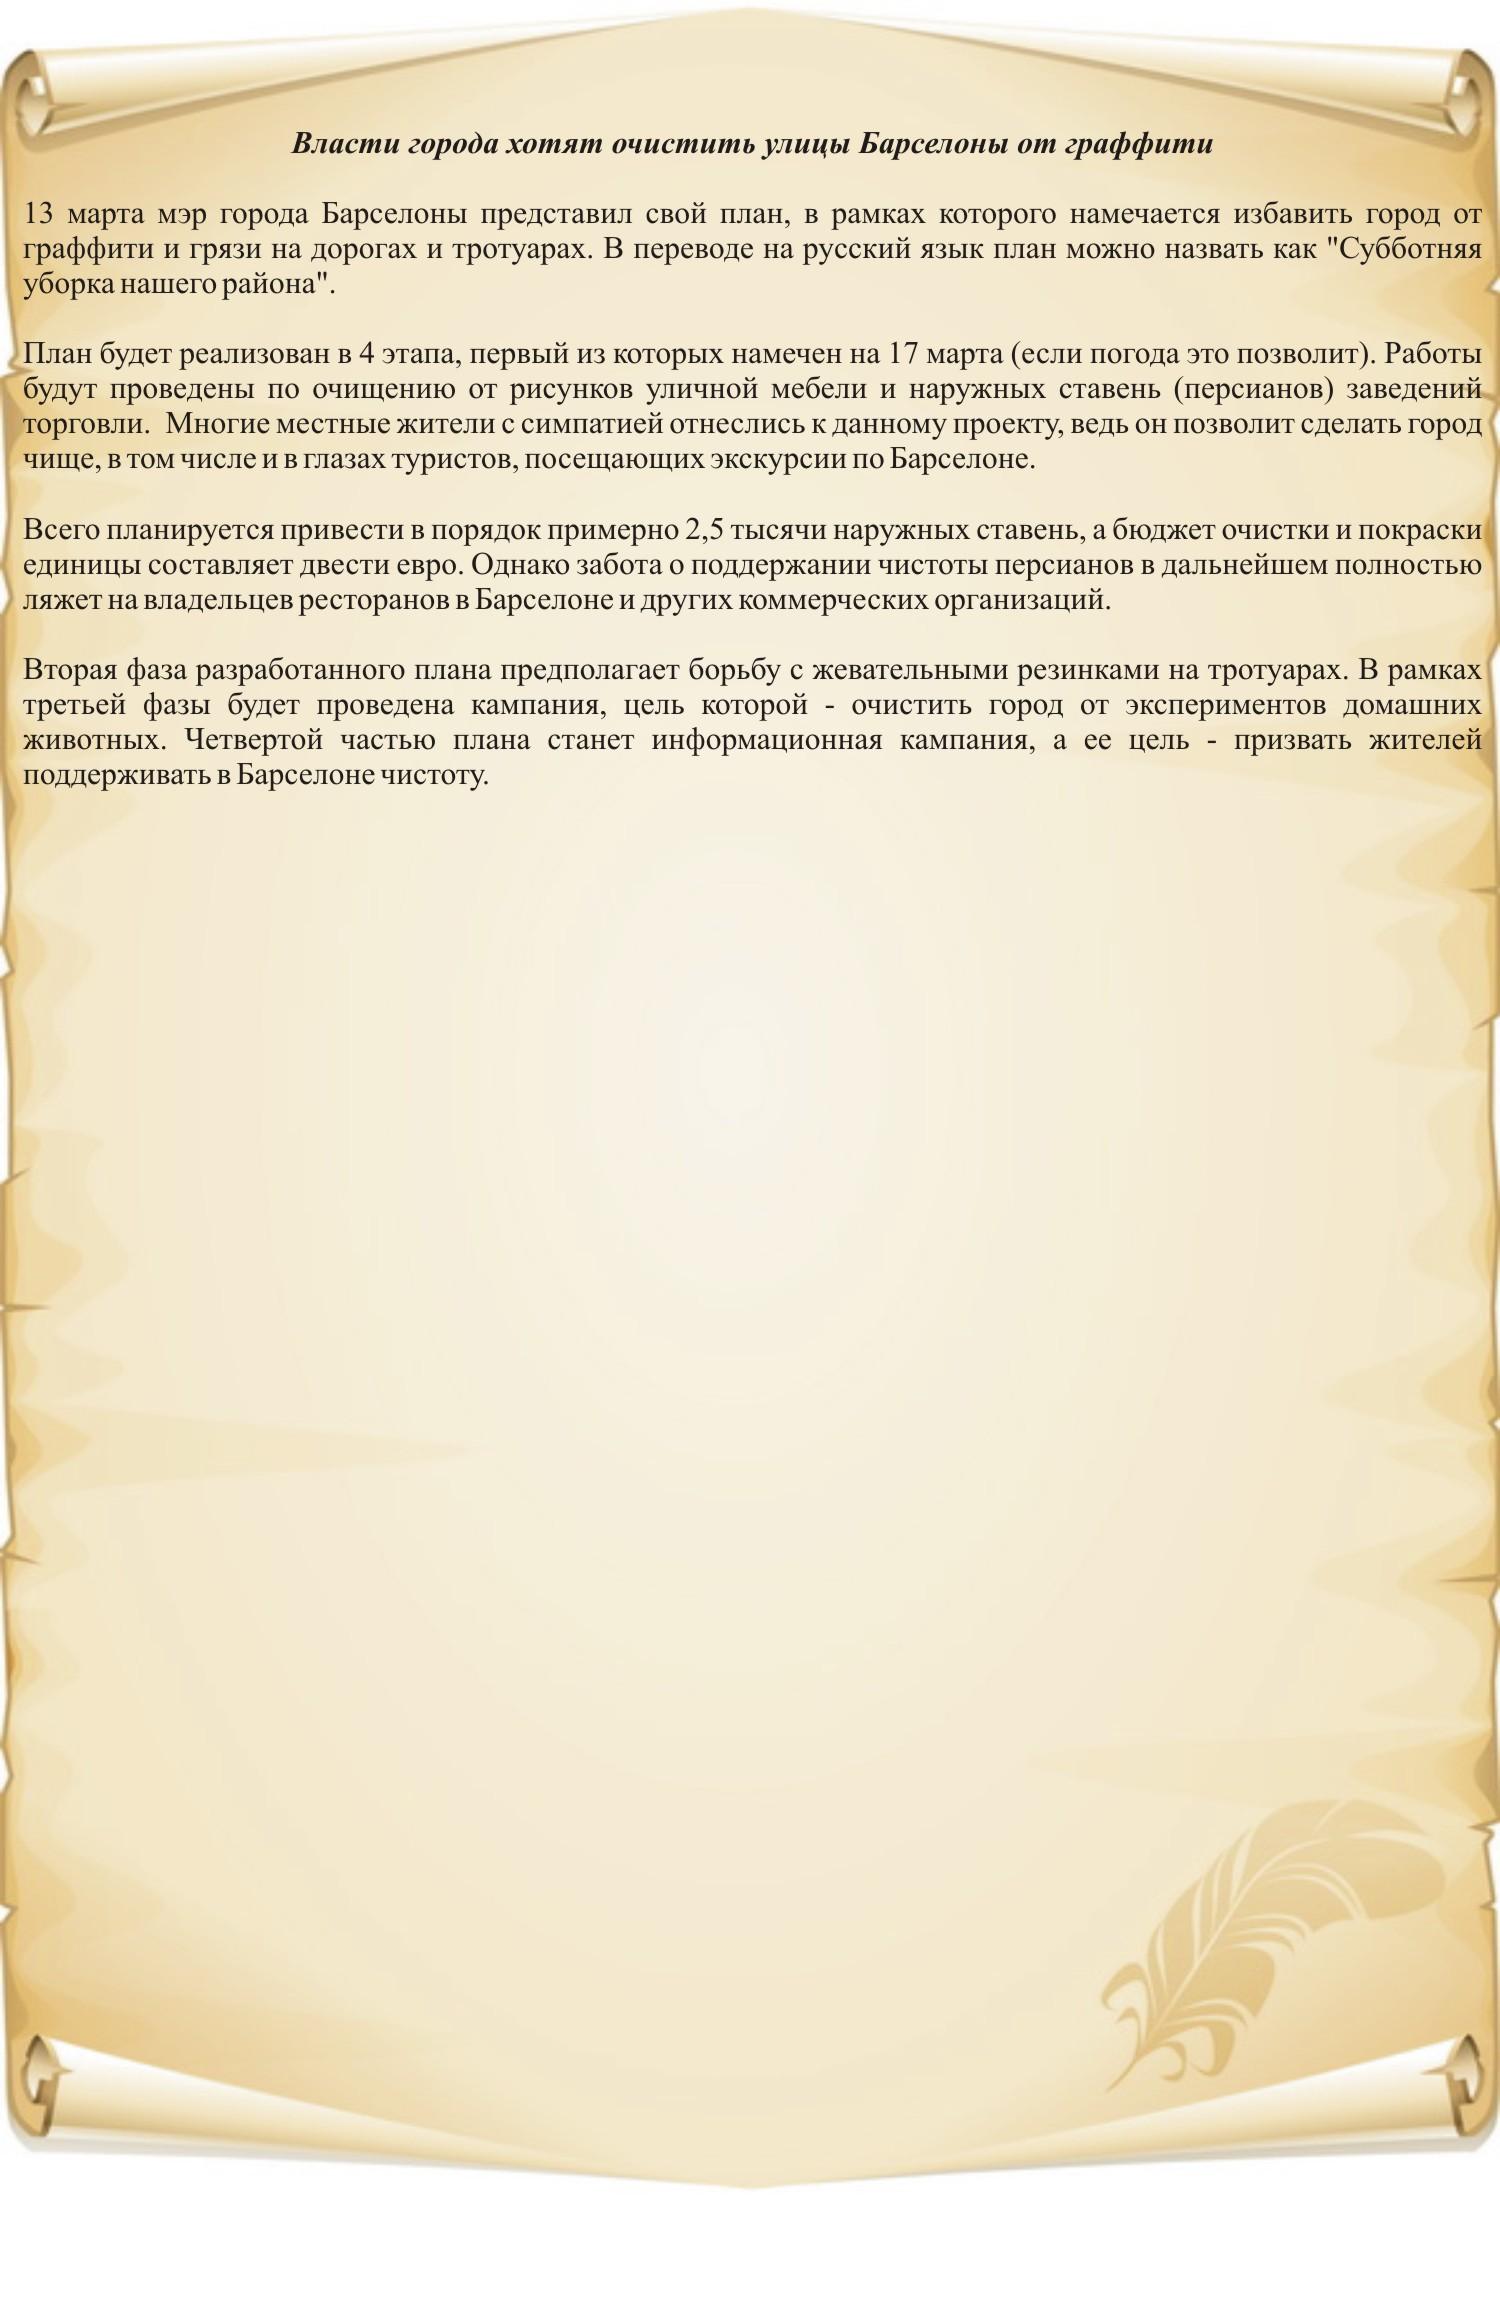 Новости для барселонского сайта (услуги VIP-трансфера)